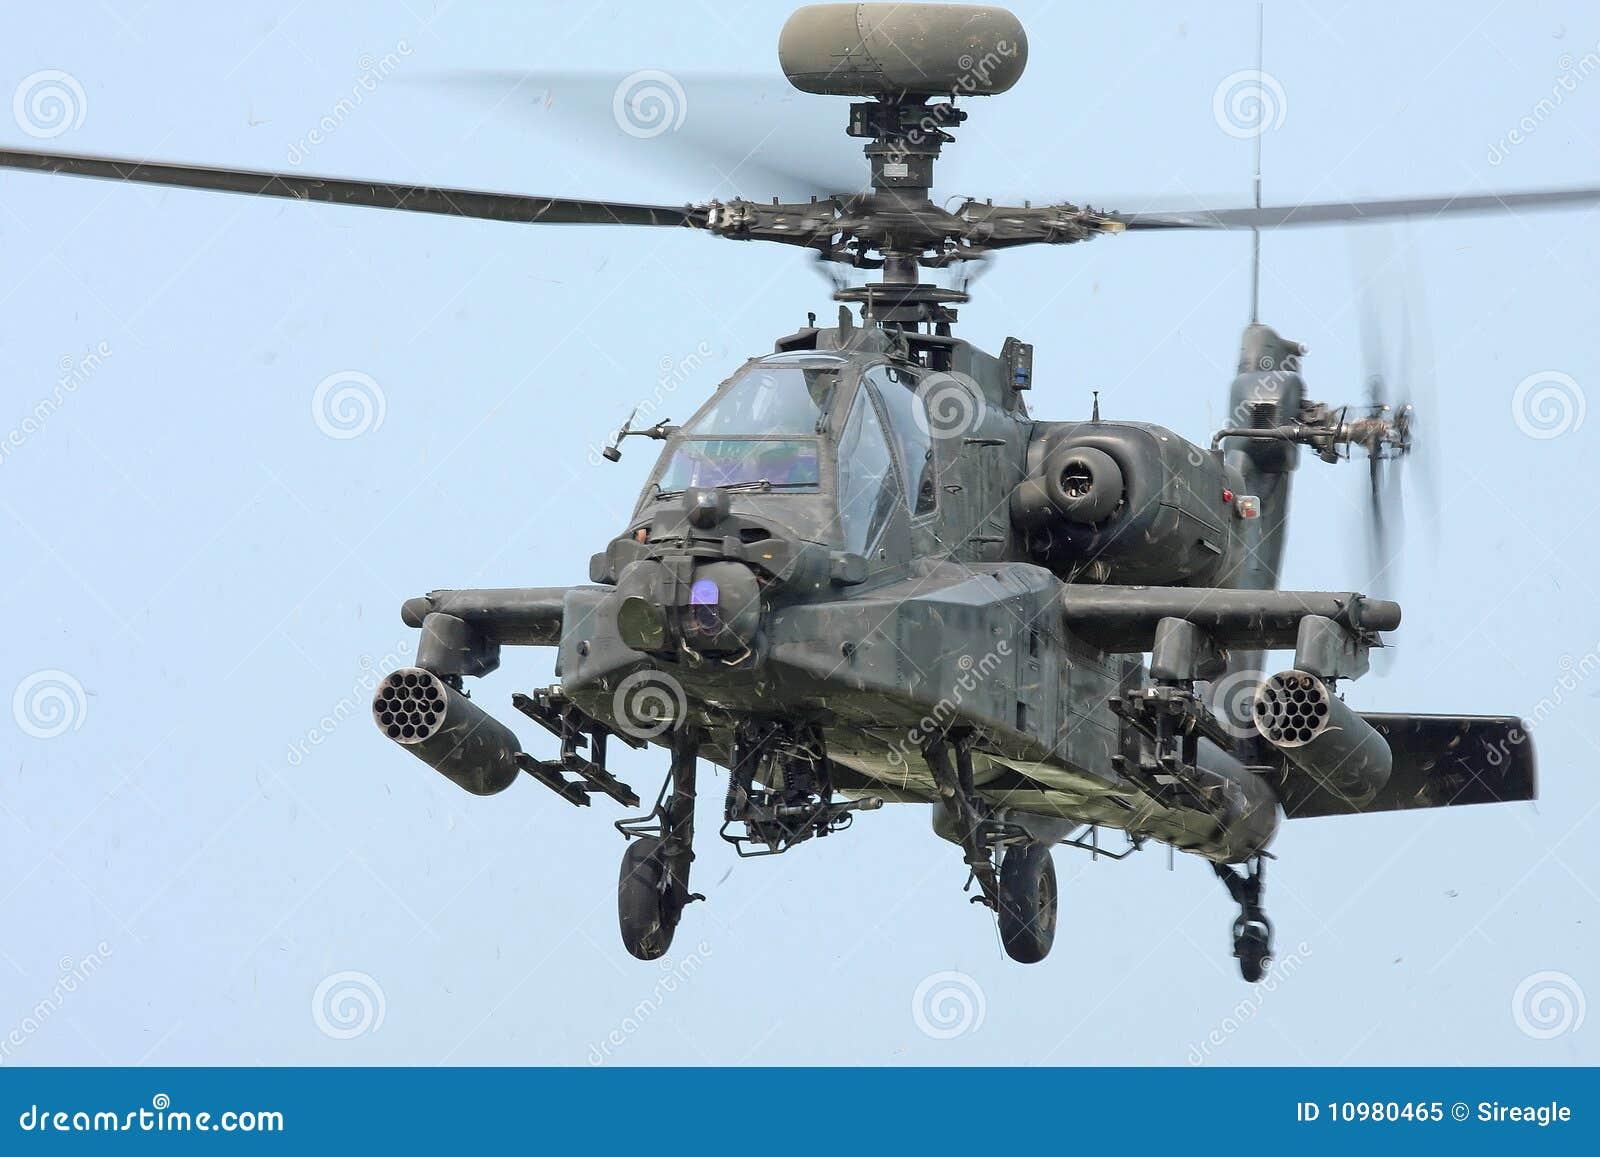 Elicottero Grigio : Elicottero del longbow apache immagine stock